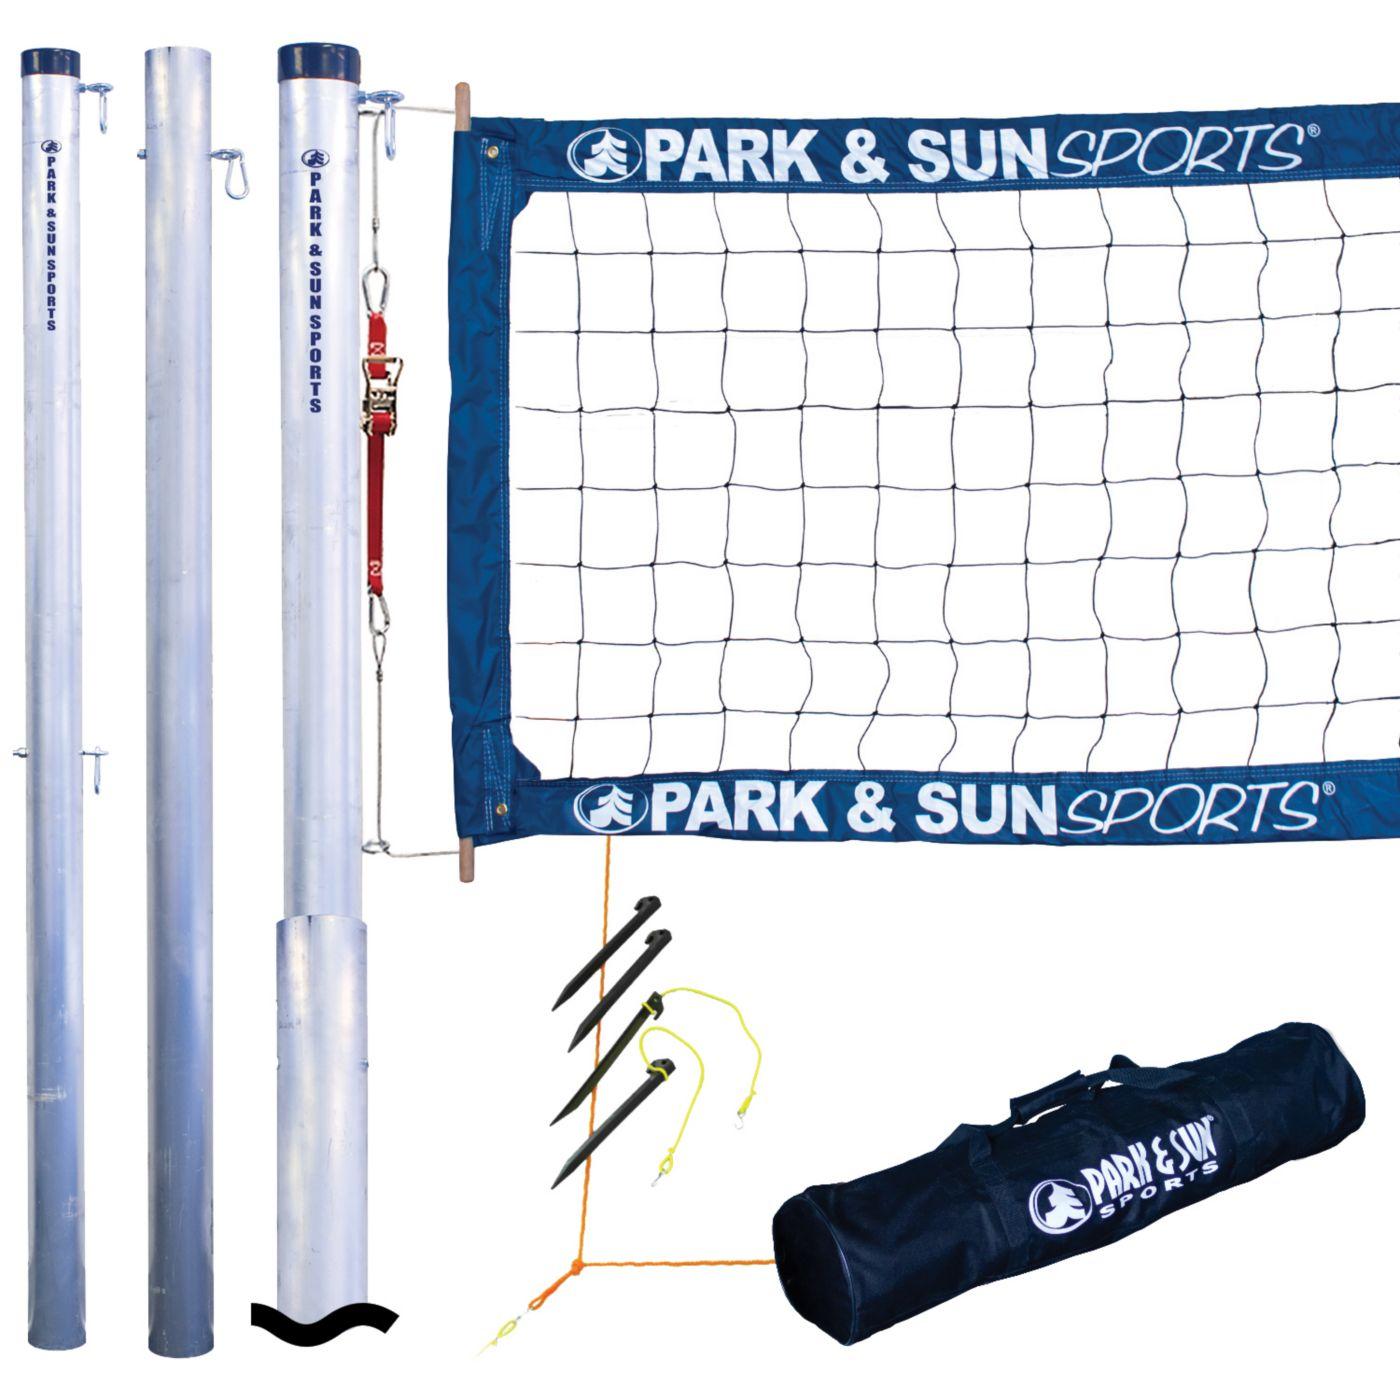 Park & Sun Tournament 4000 Telescopic Volleyball Net System